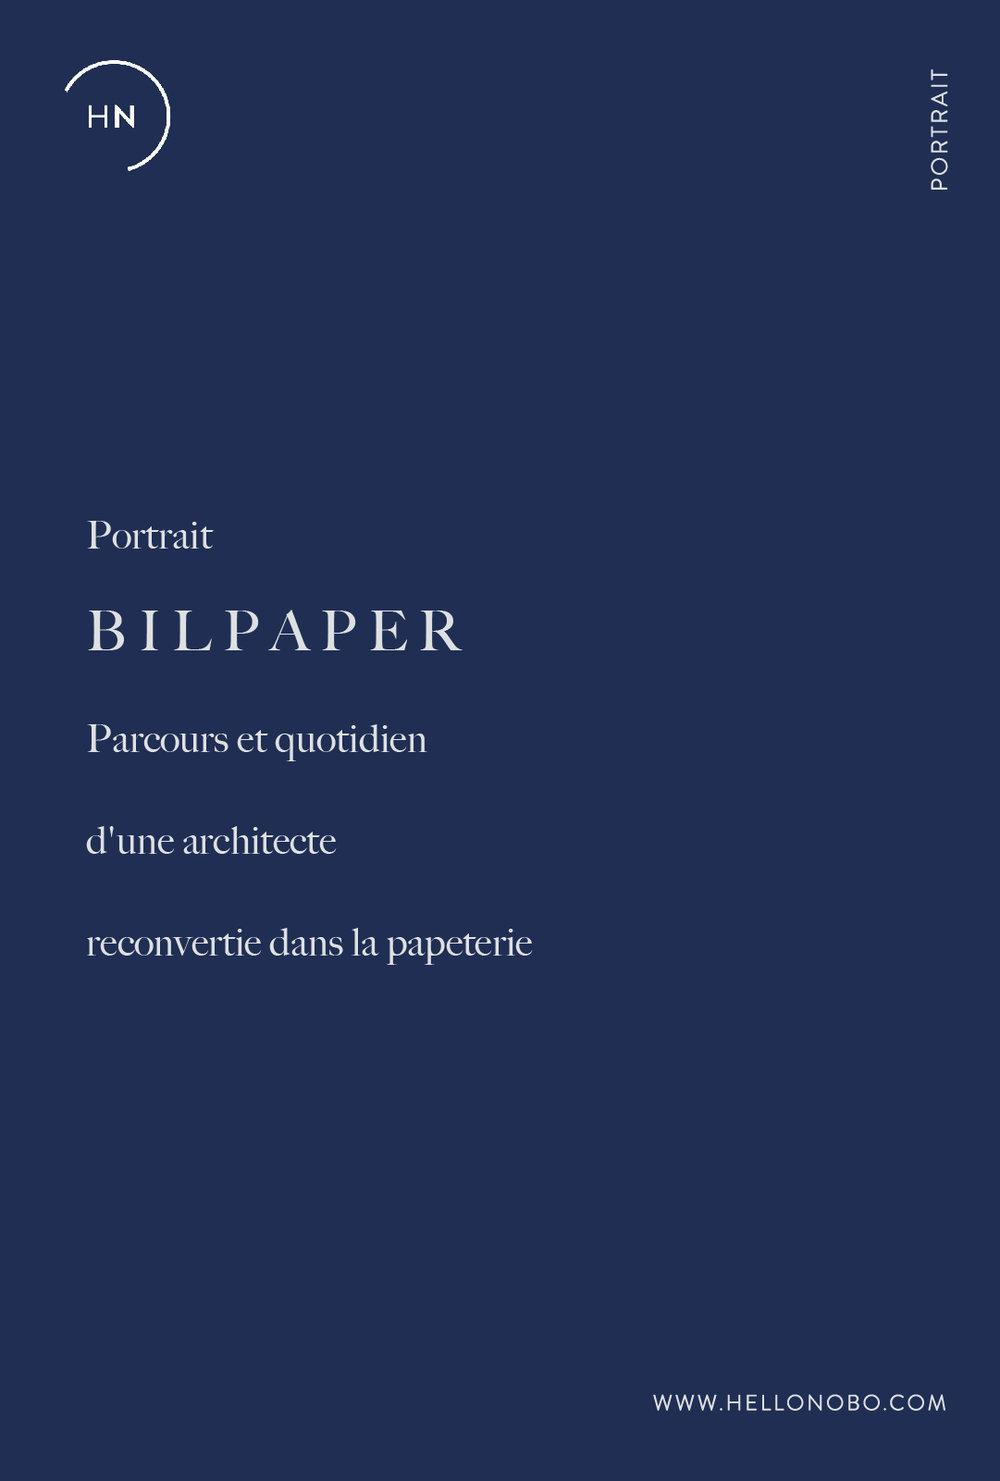 portrait bilpaper_Pinterest 2.jpg